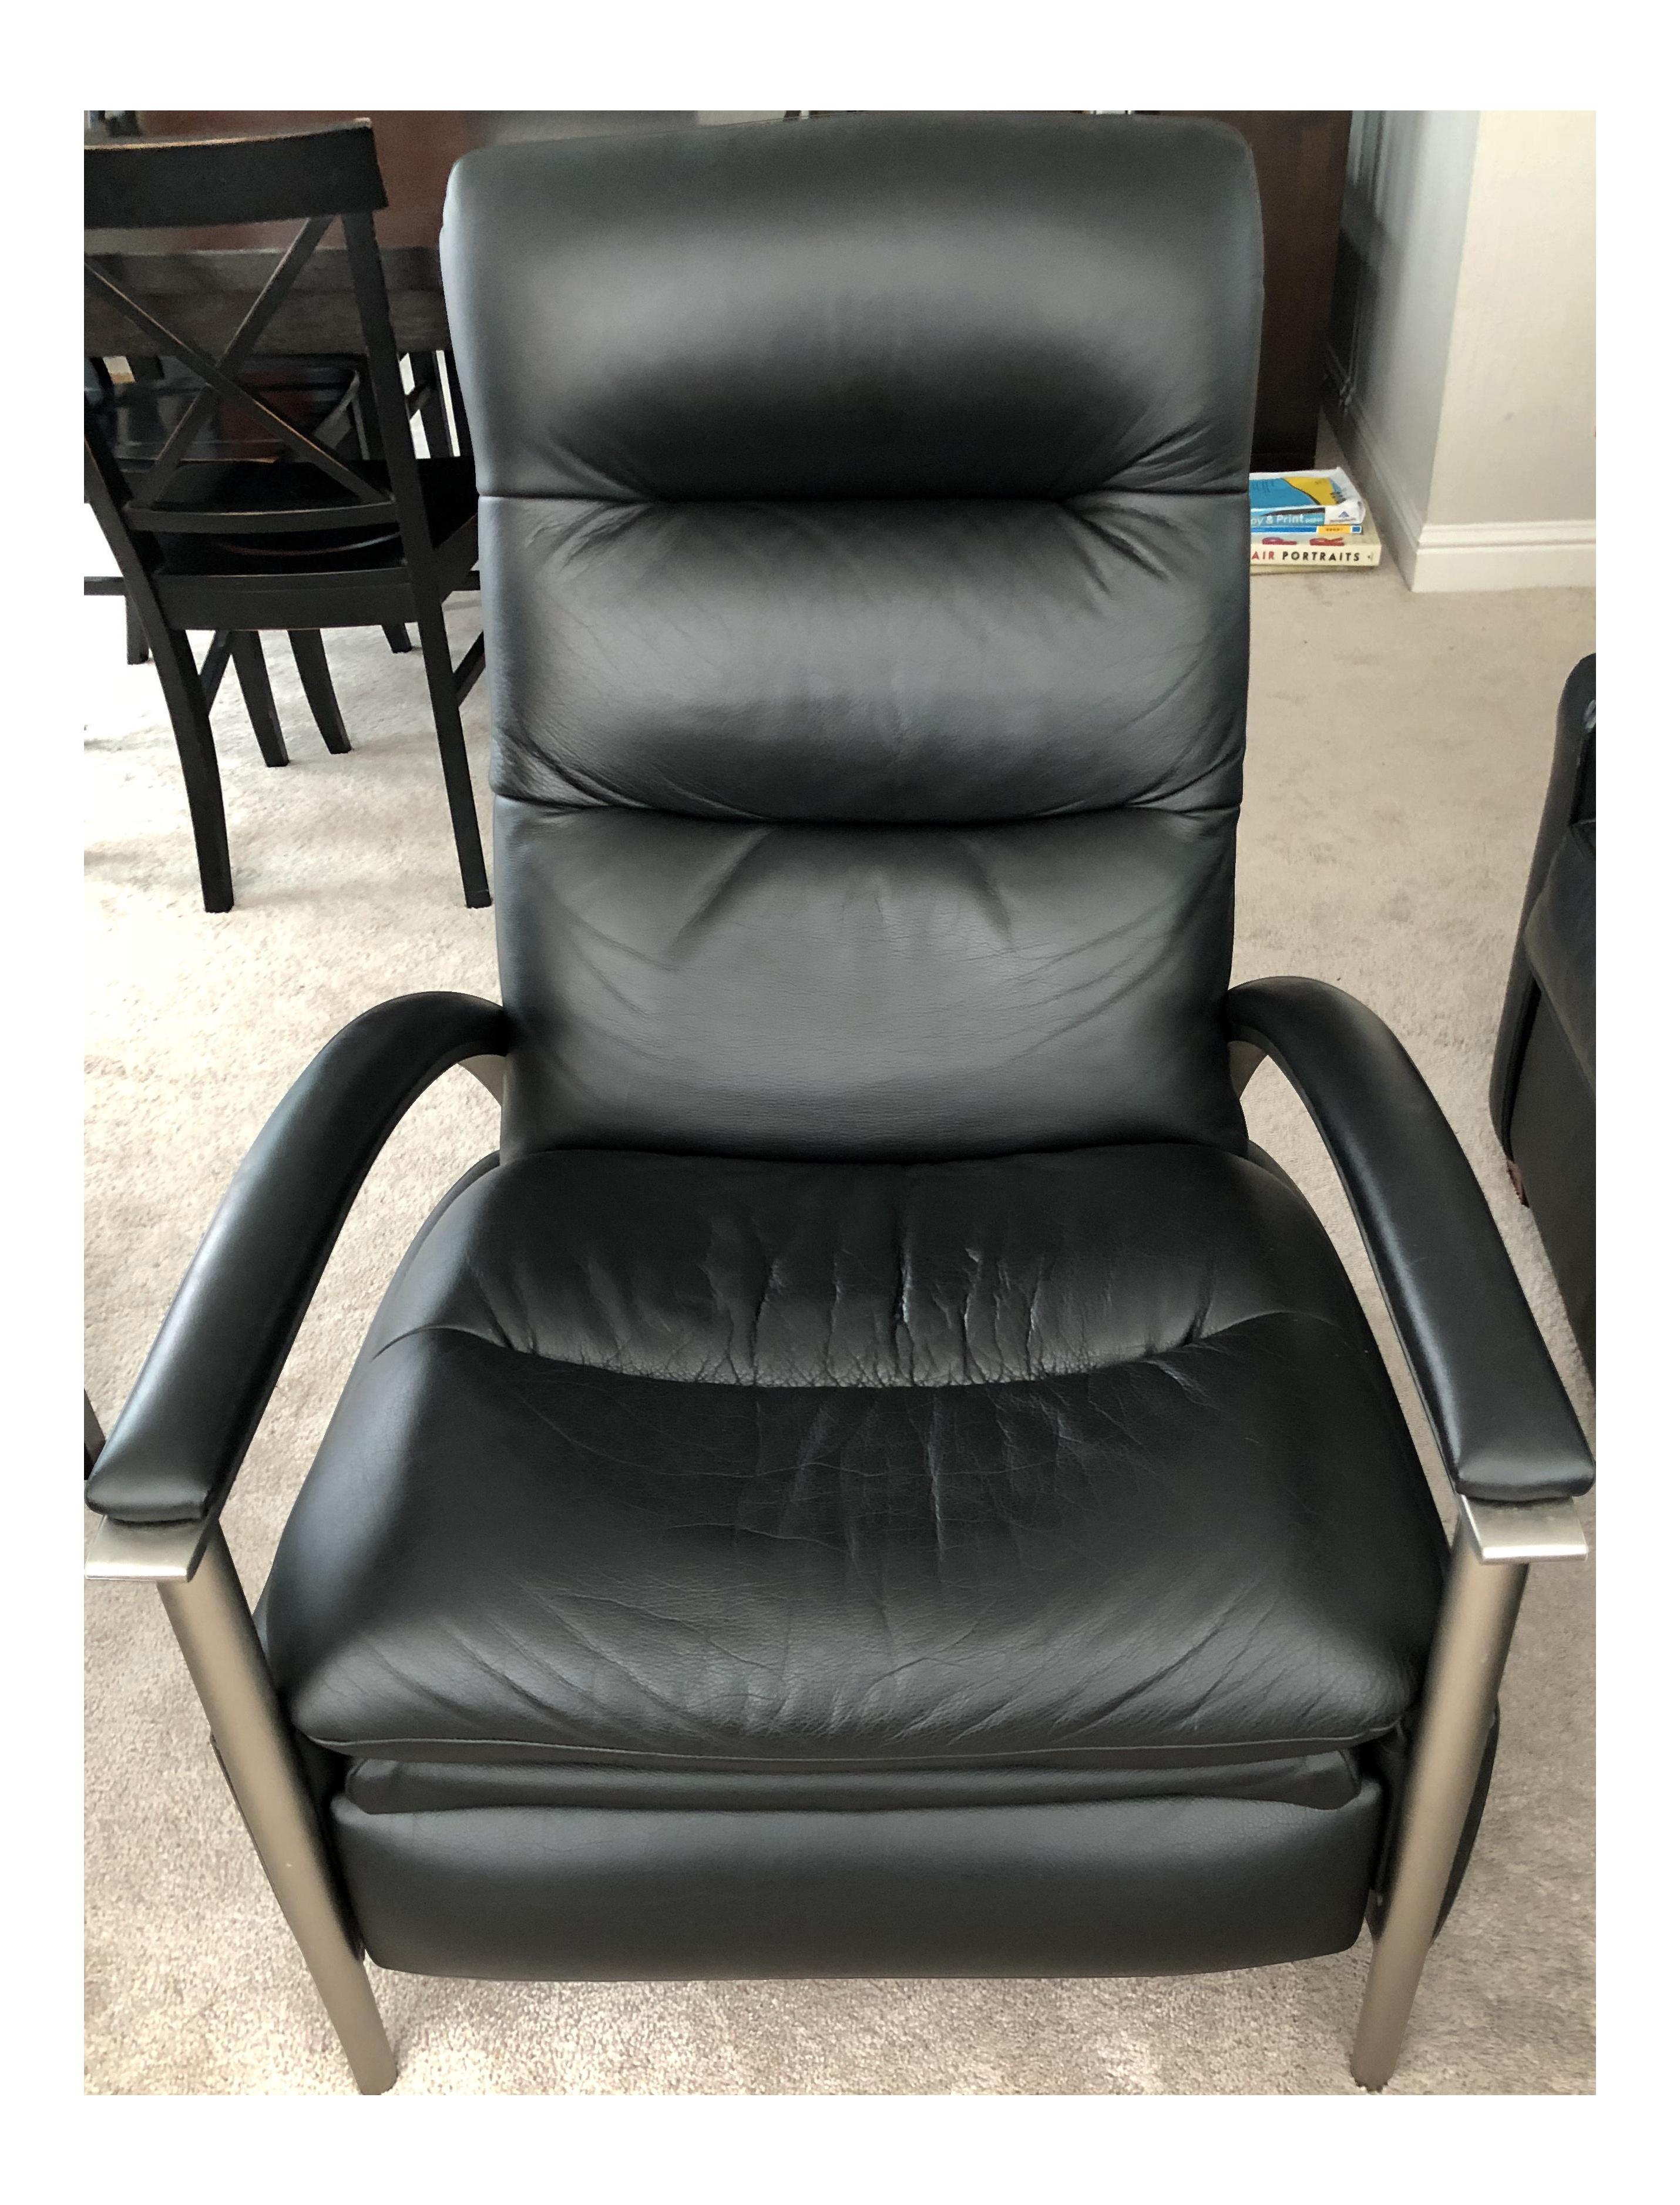 Miraculous Ethan Allen Genuine Black Leather Radius Recliner Short Links Chair Design For Home Short Linksinfo